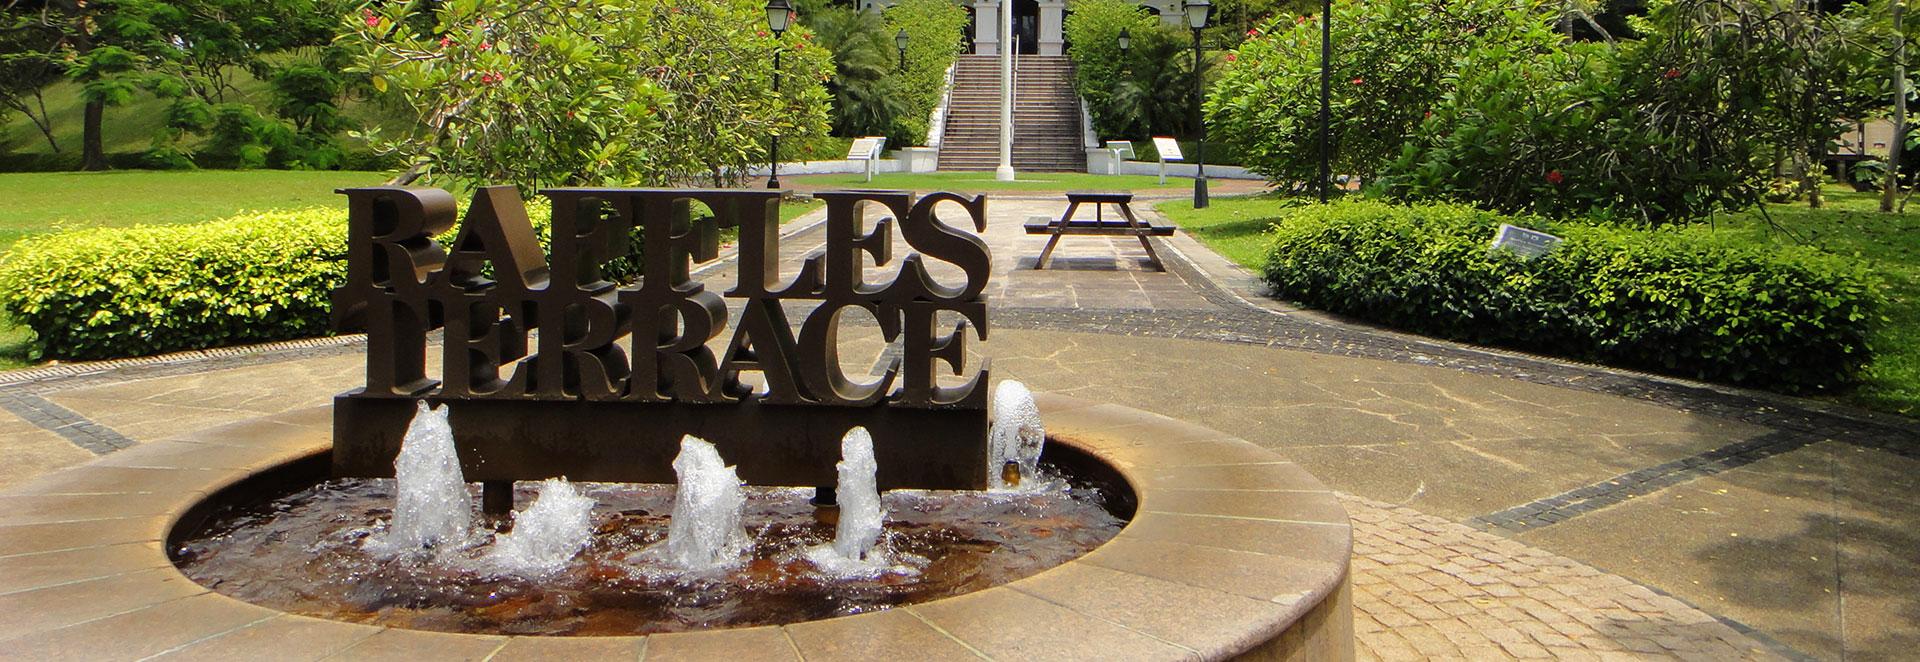 Raffles terrace voicemap singapore